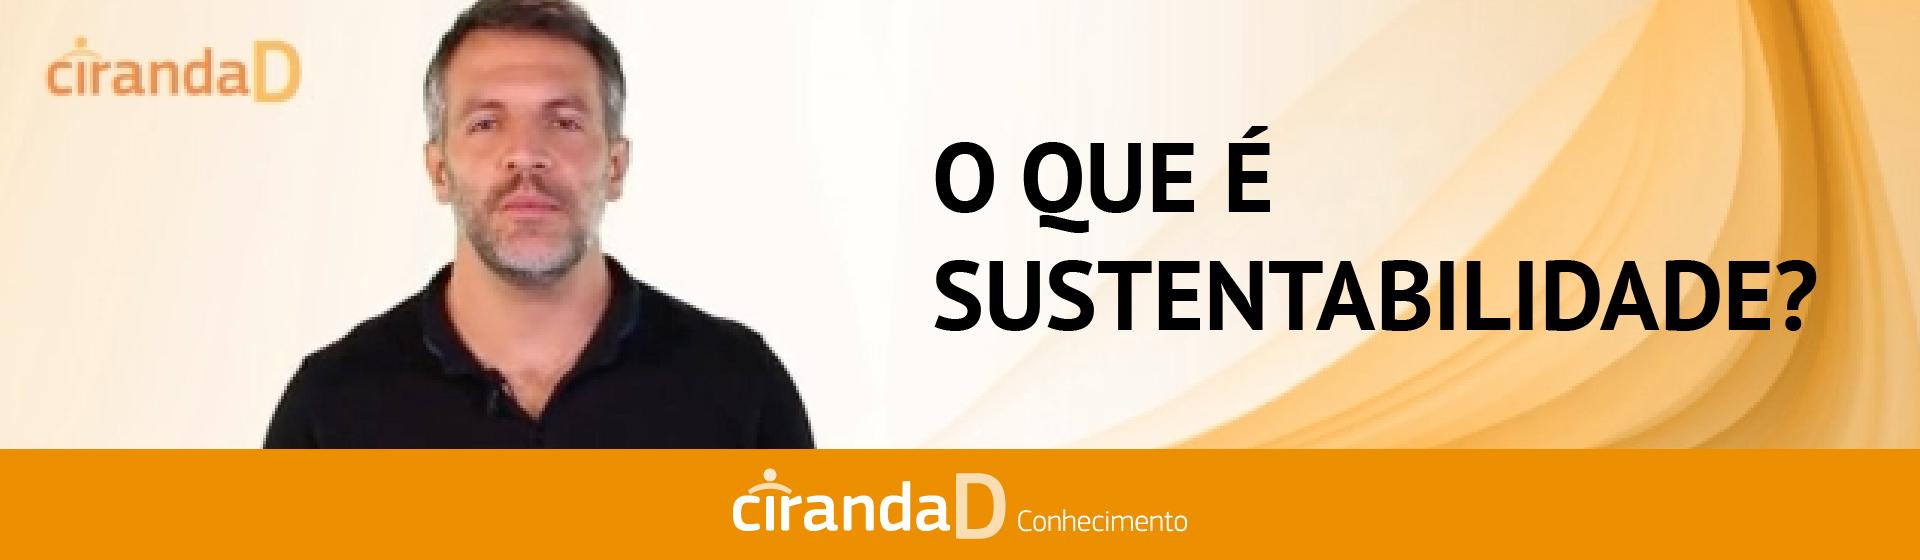 Cirandad bannerscursos 01